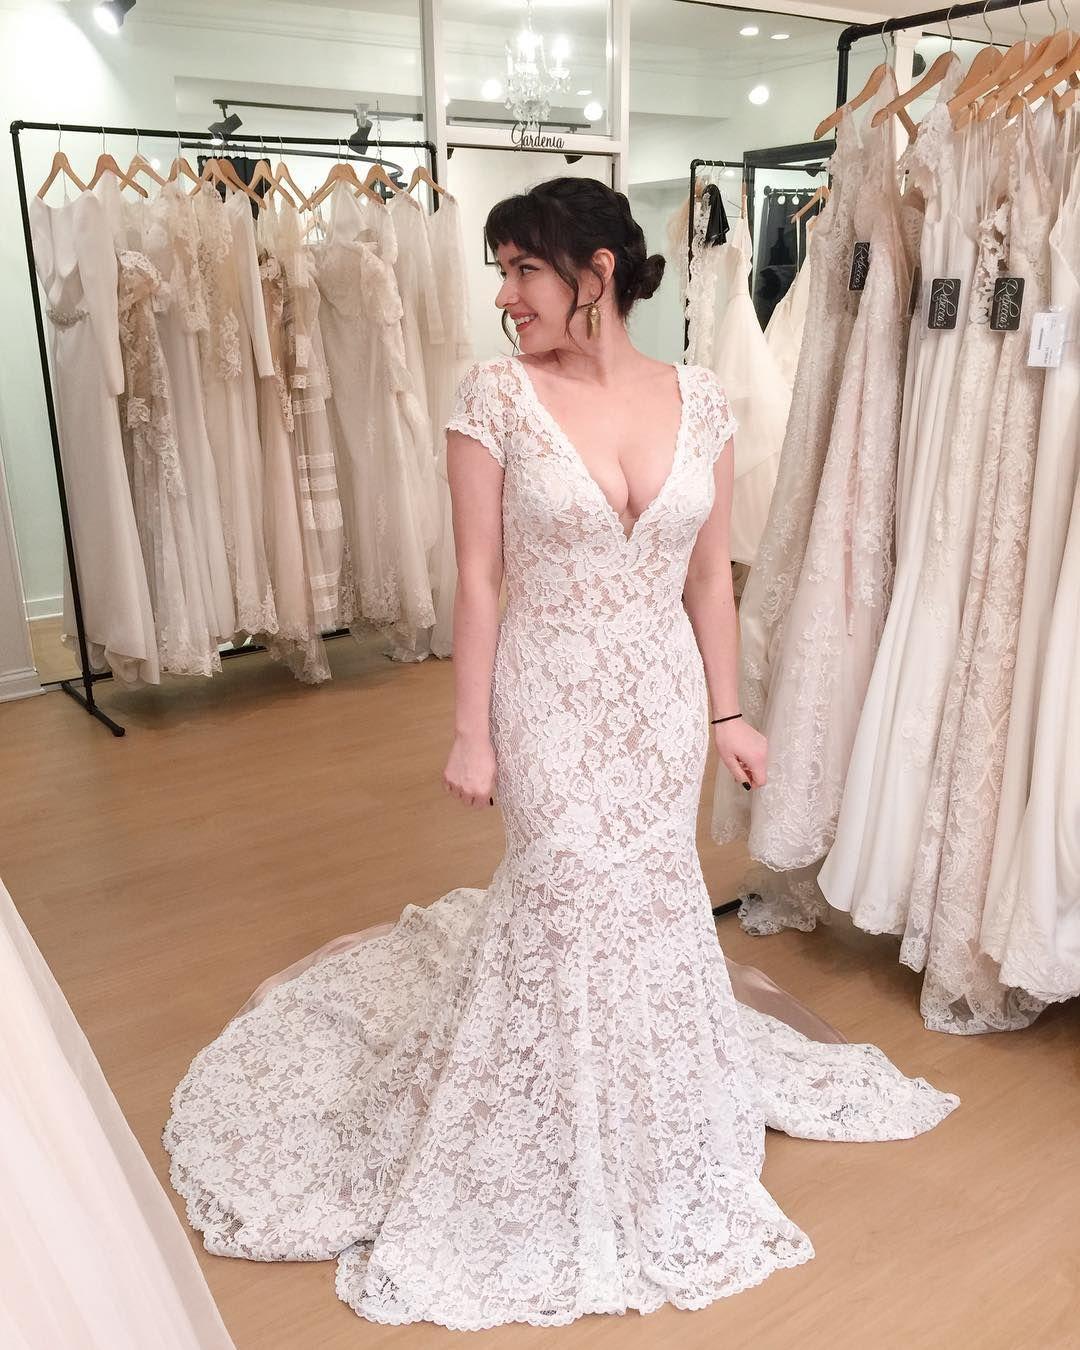 Short Sleeve V Neckline Wedding Dress Style 2233 Mikaella Bridal Wedding Dress Necklines Wedding Dress Styles Wedding Dresses [ 1350 x 1080 Pixel ]